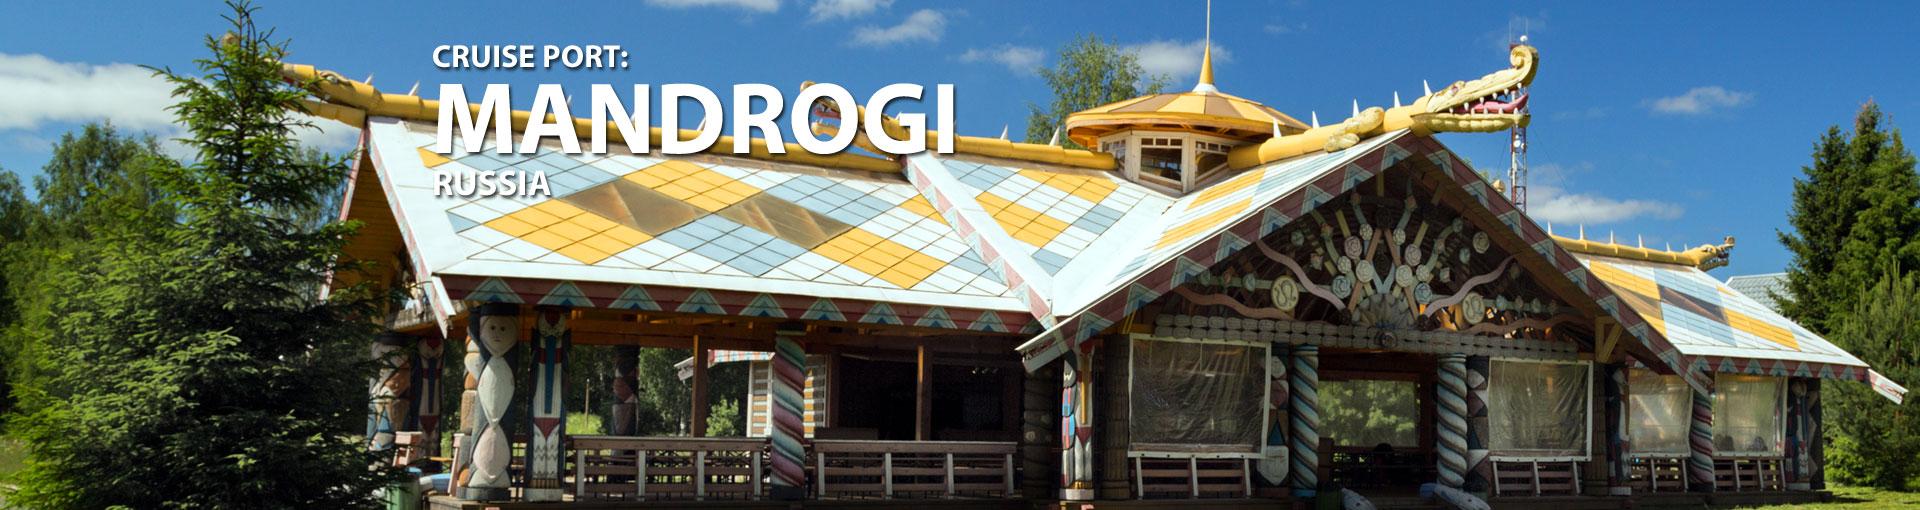 Cruises to Mandrogi, Russia